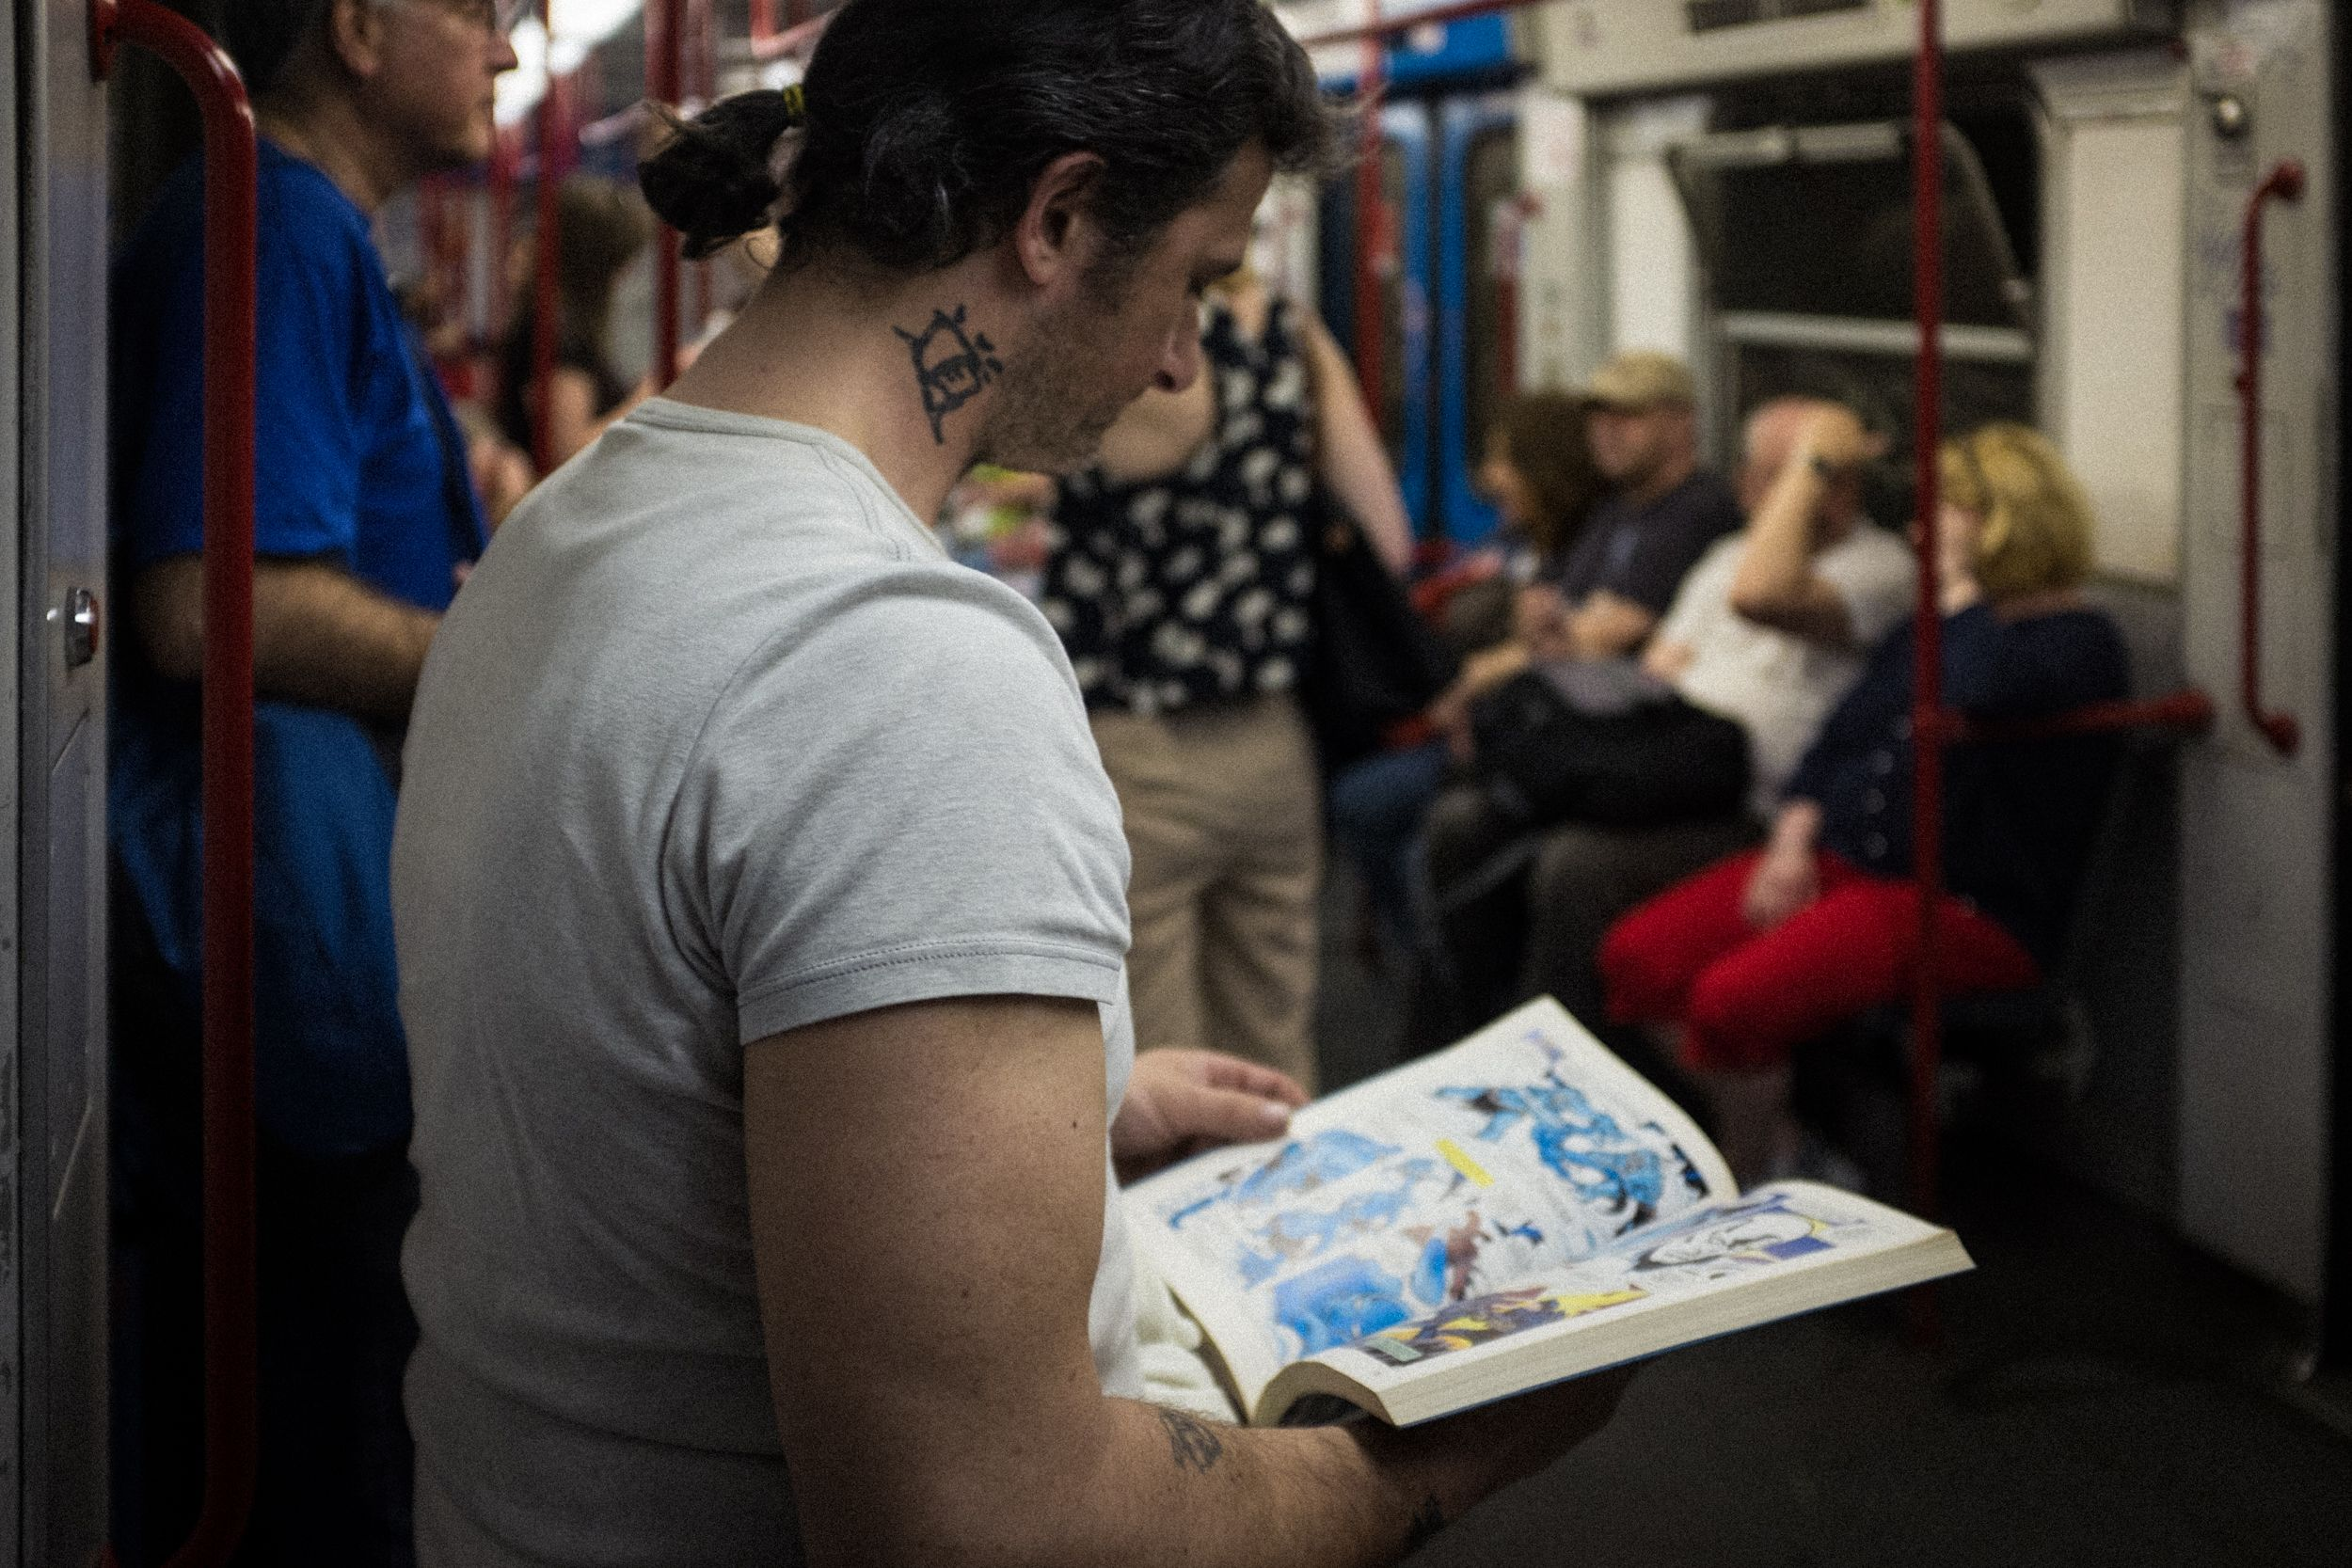 Comic Leser in der U-Bahn von Rom